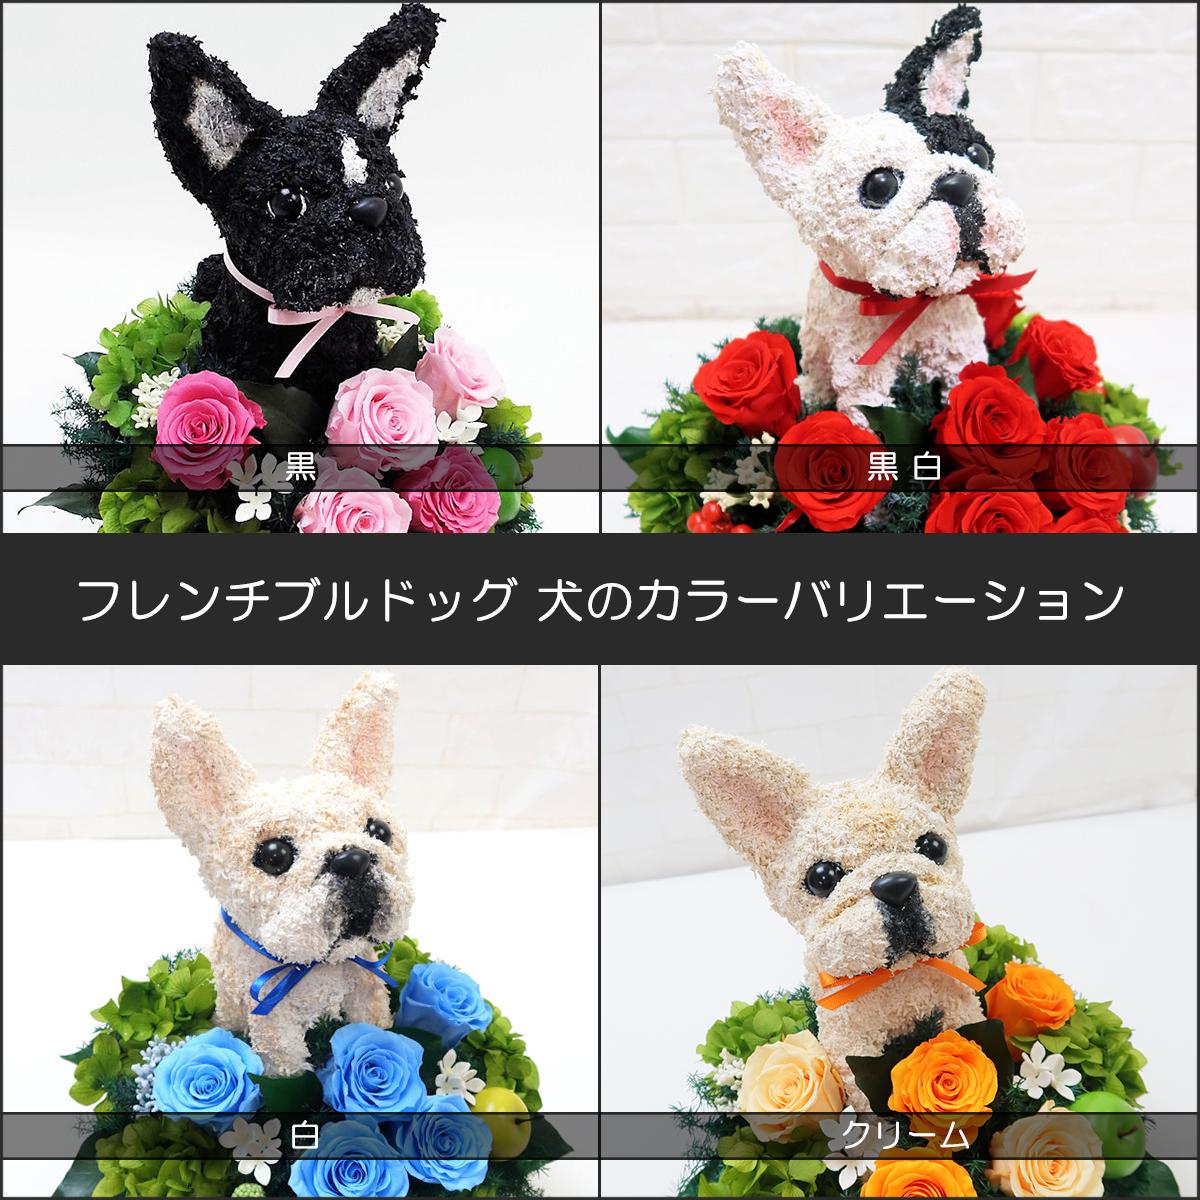 プリザーブドフラワー犬,フレンチブルドッグ カラーバリエーション